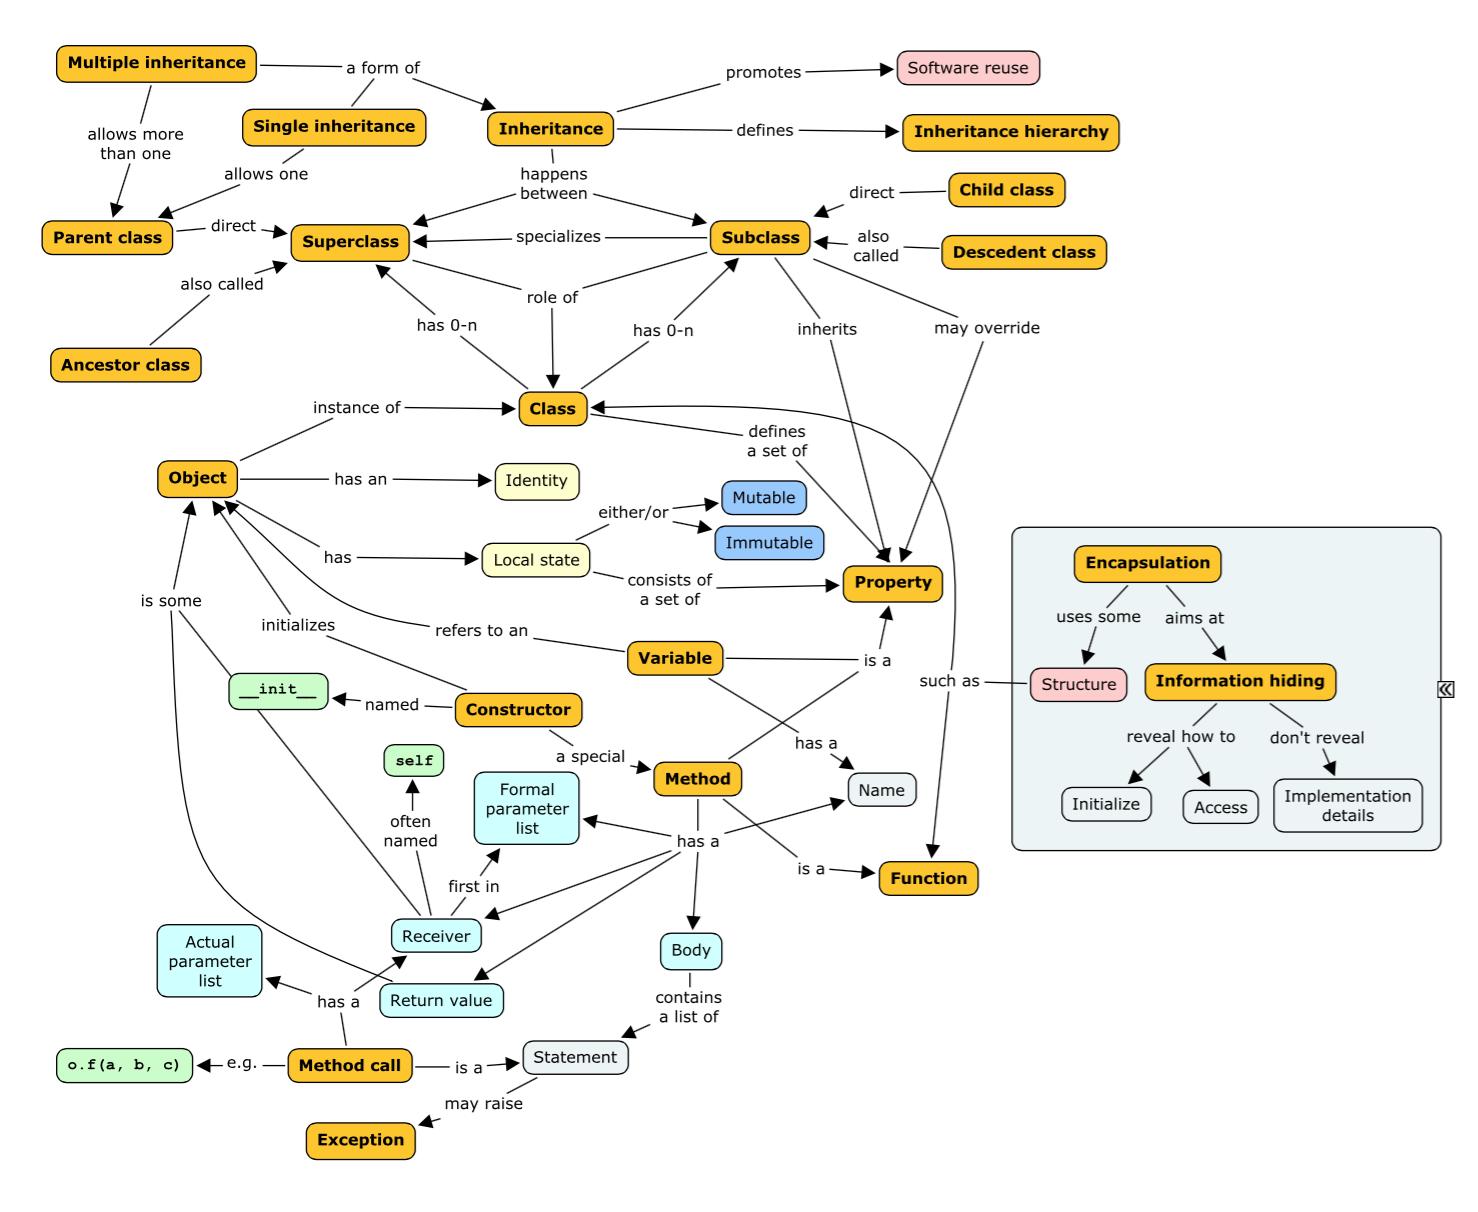 1.2. Python olio-ohjelmointi — Ohjelmoinnin peruskurssi Y2, kurssimateriaali